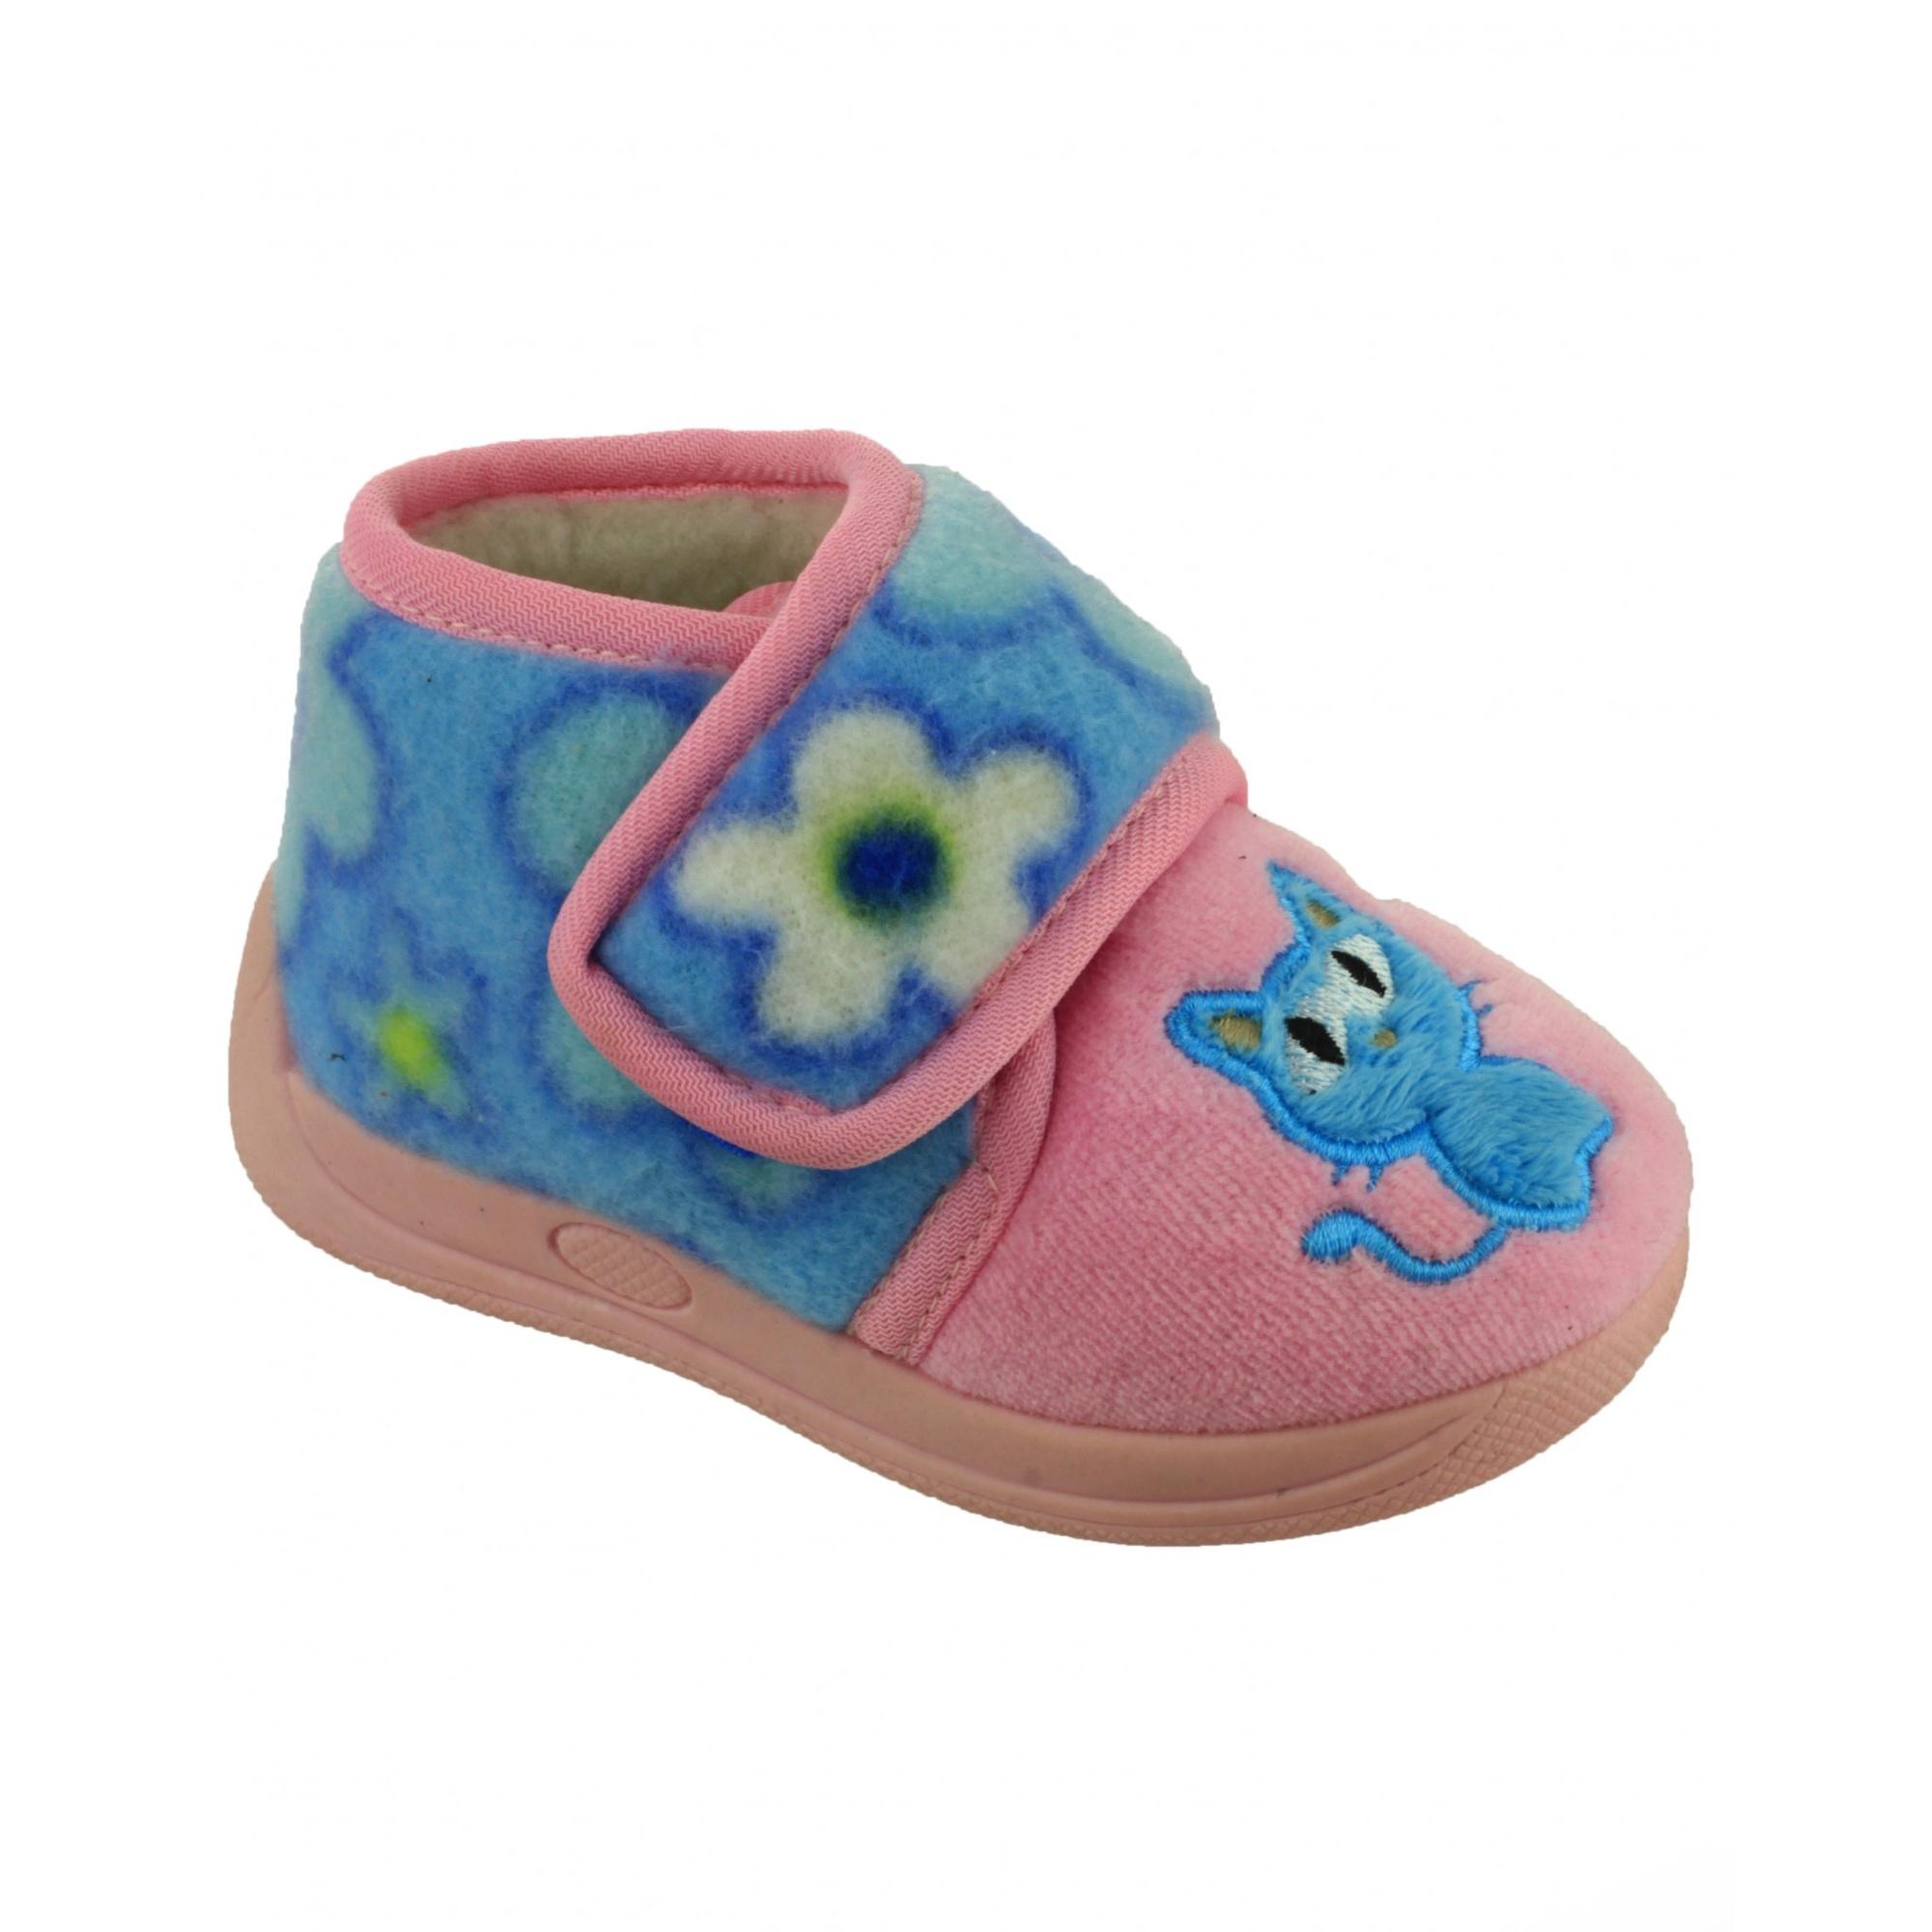 Mirak zapatillas de andar por casa con cierre de velcro modelo dinky para ni o ebay - Zapatillas andar por casa originales ...